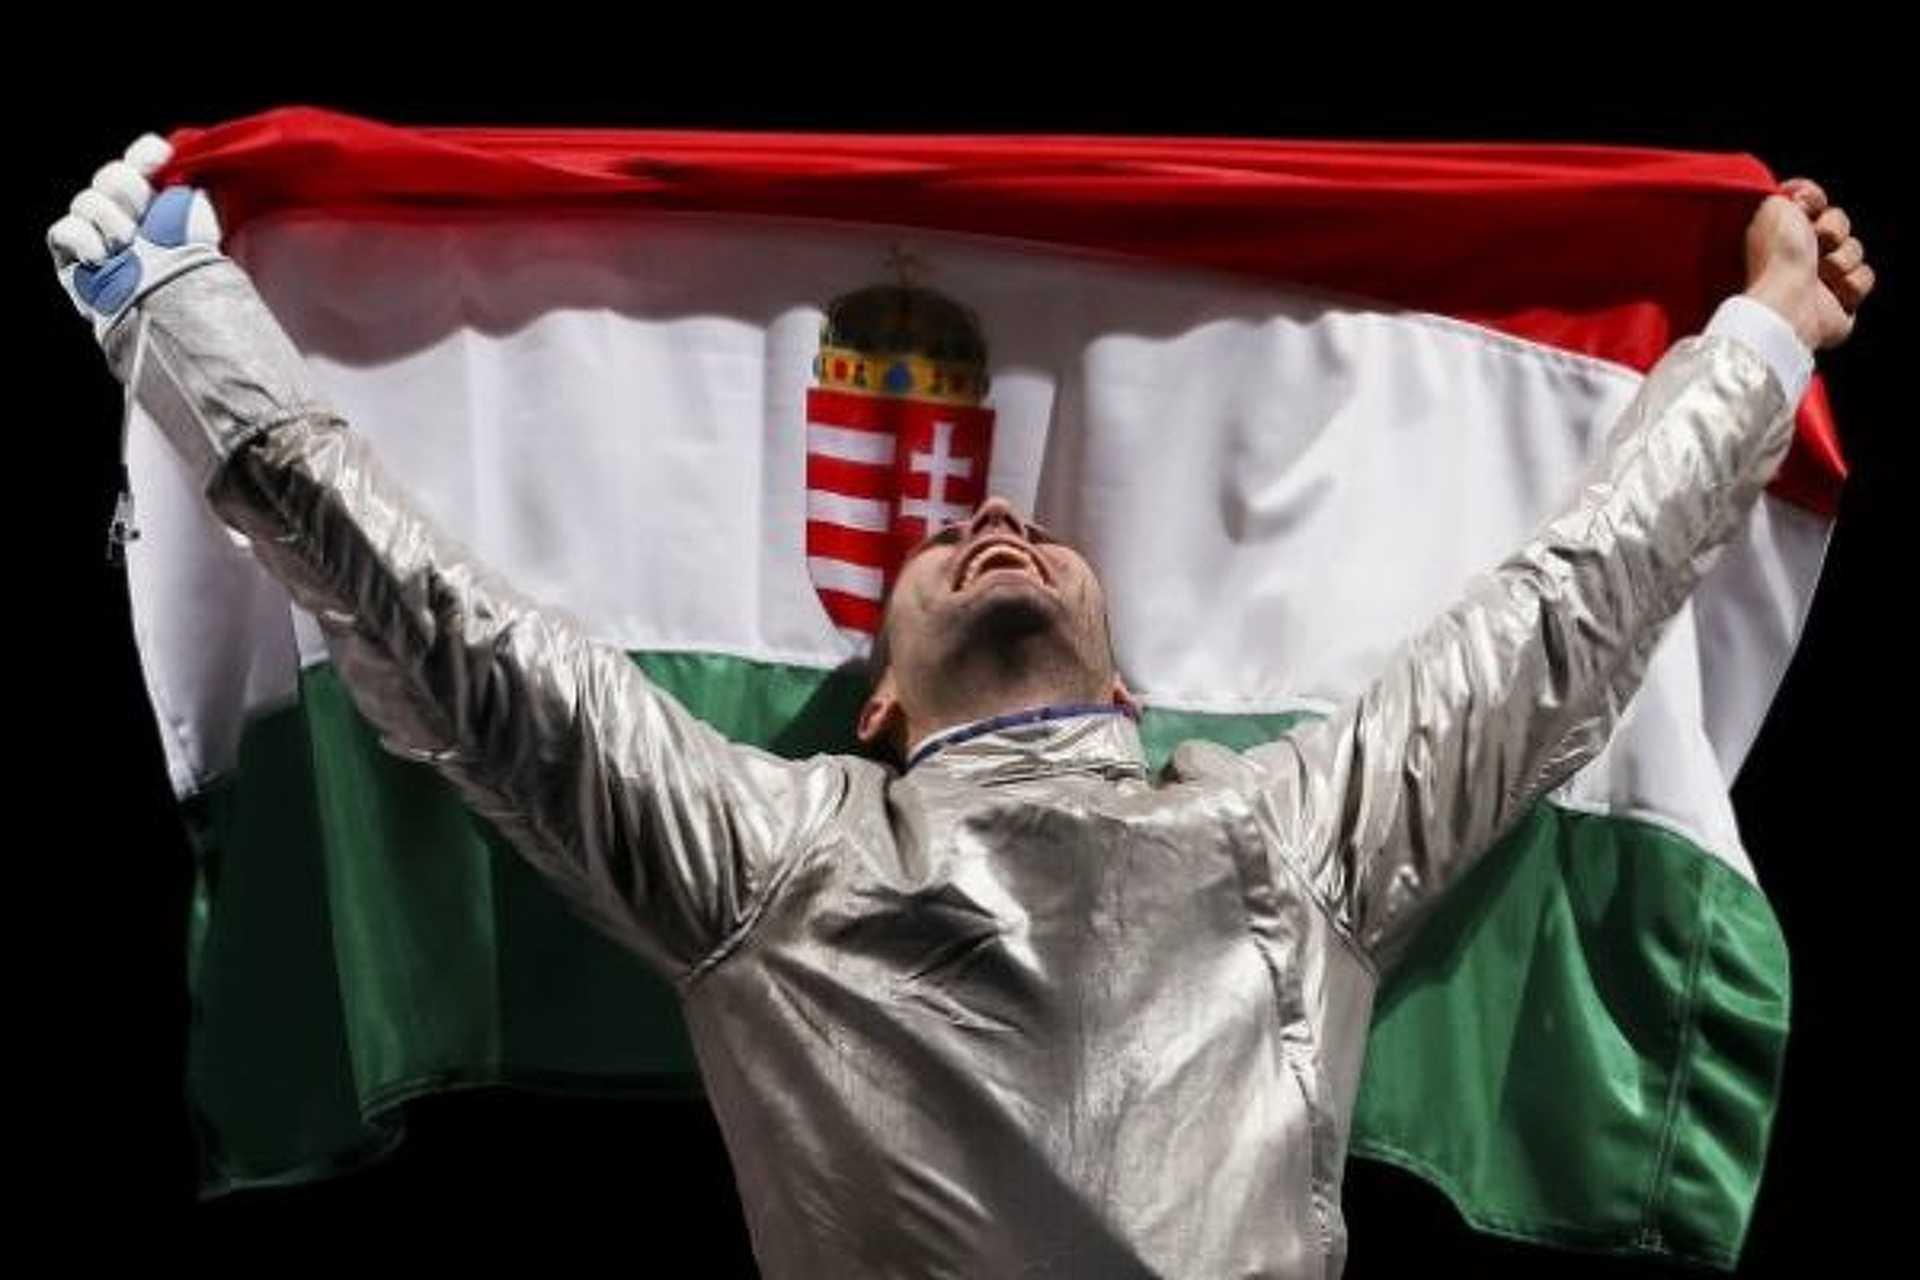 Szilágyi Ároon olimpiai Bajnok